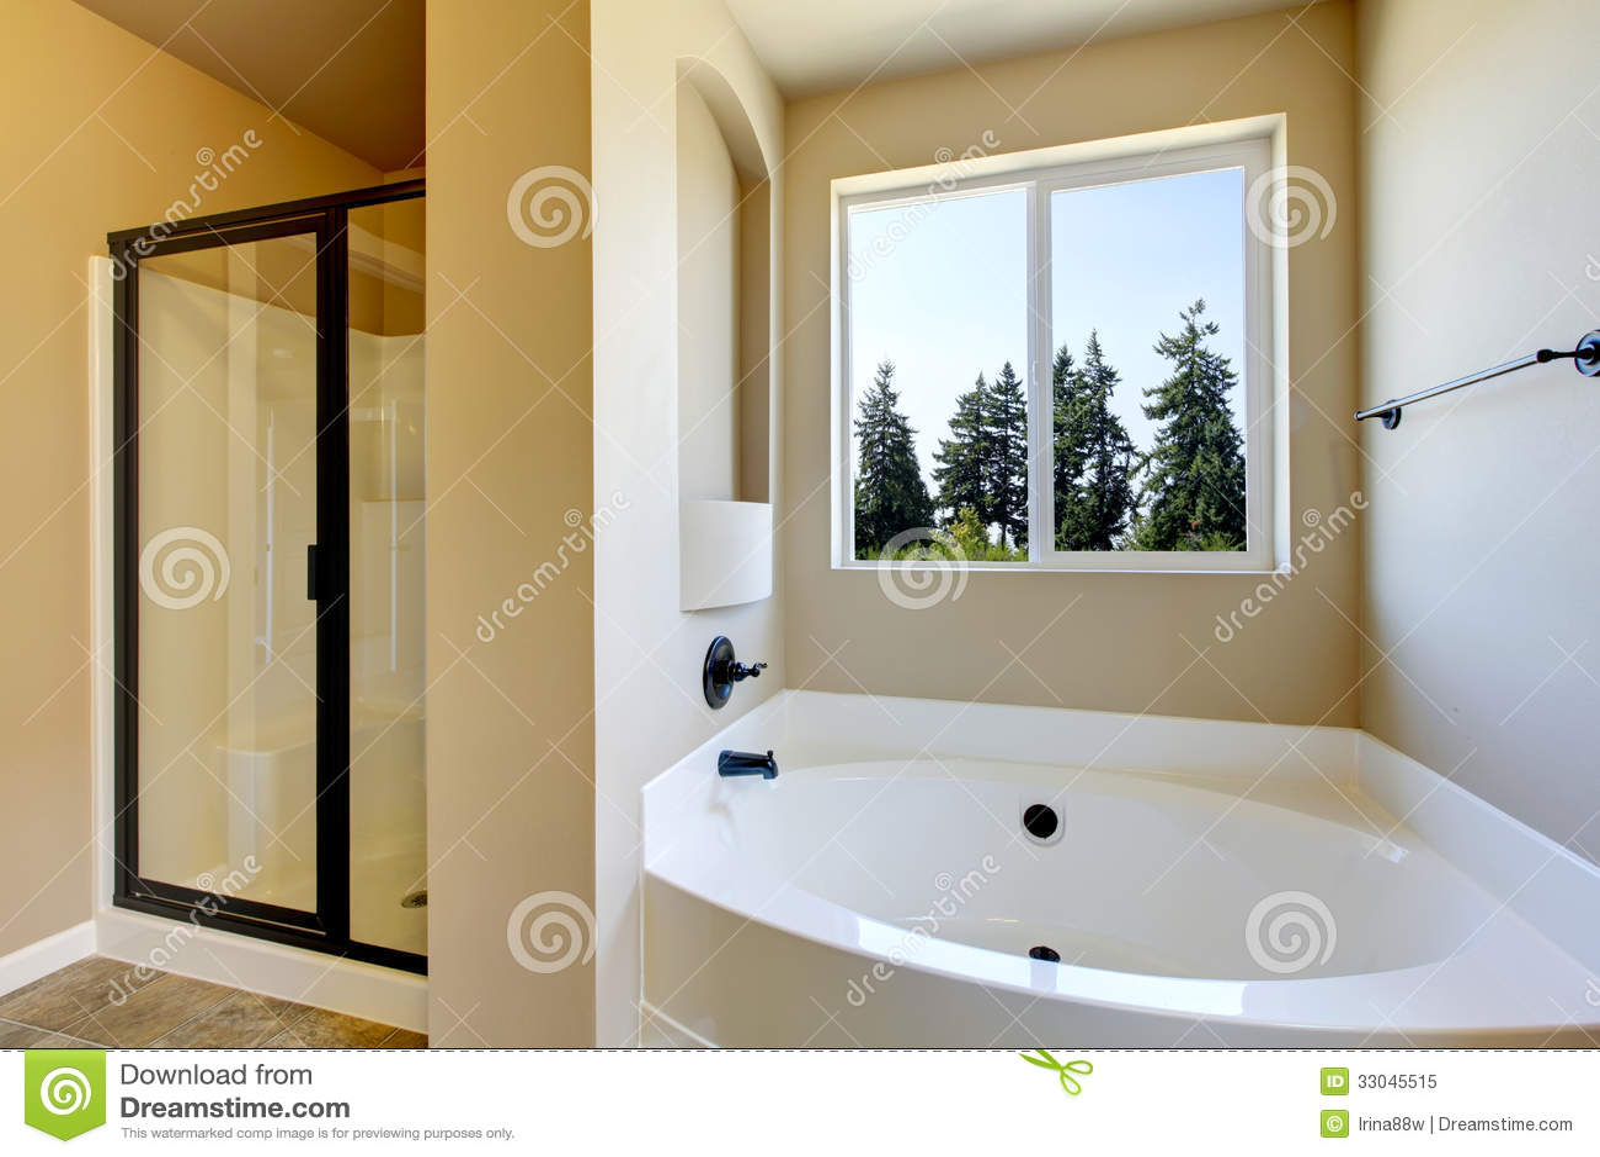 Nytt hem- badrum med duschen och badet.